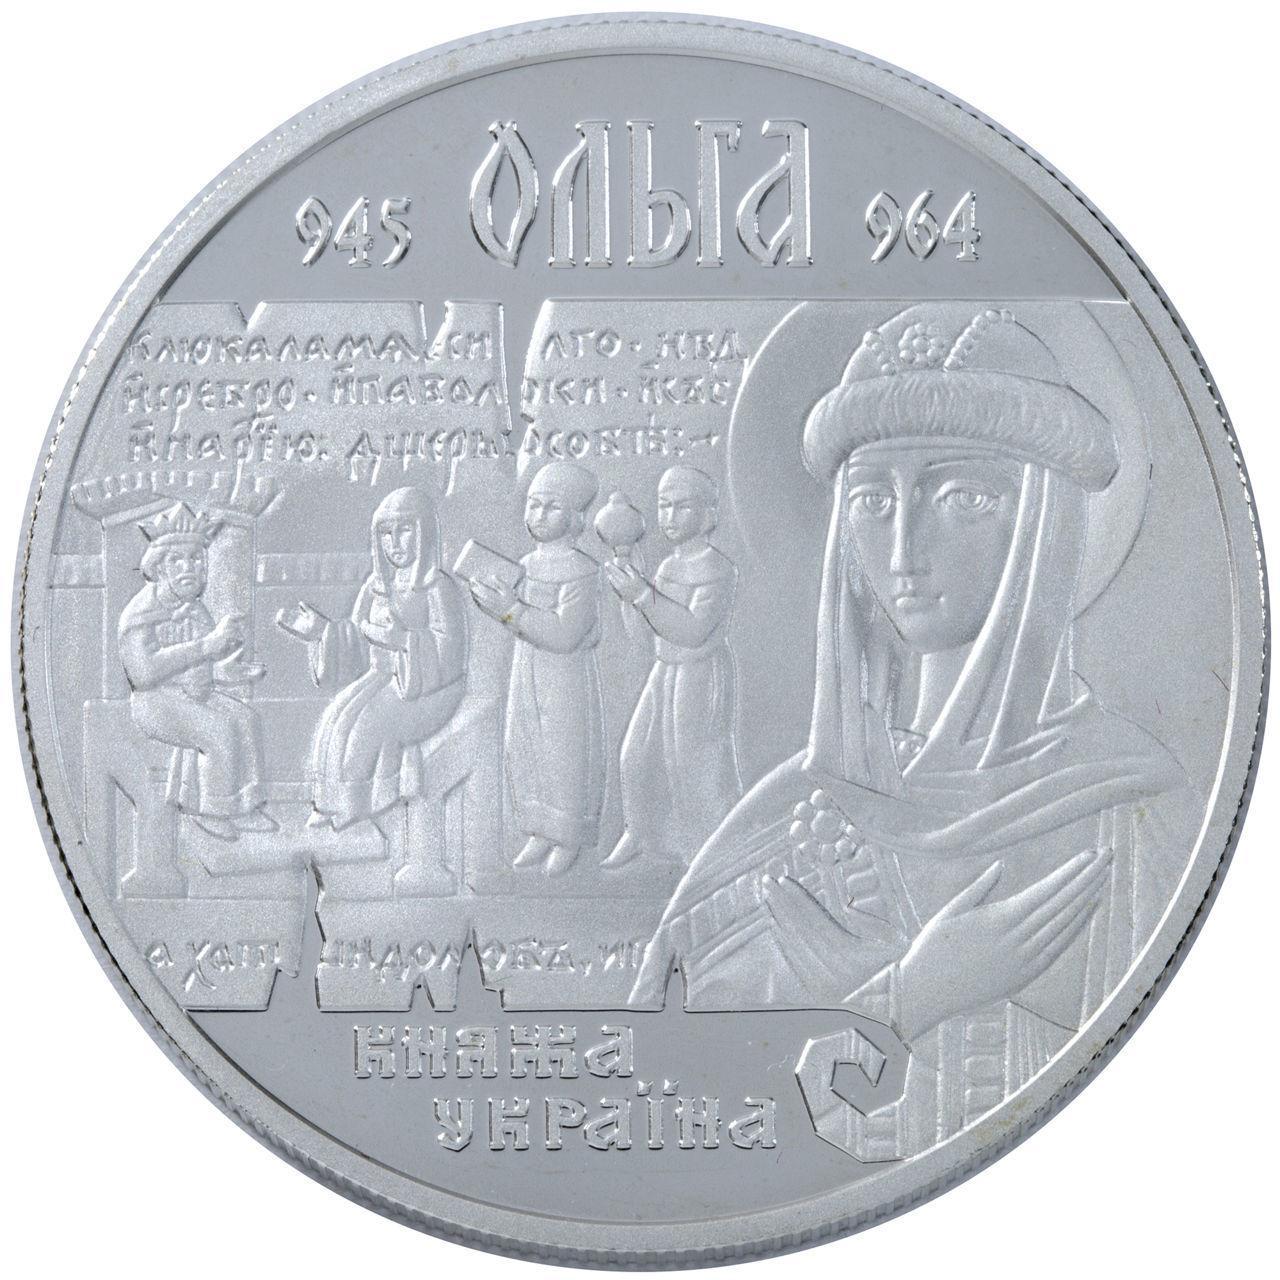 Ольга Срібна монета 10 гривень срібло 31,1 грам